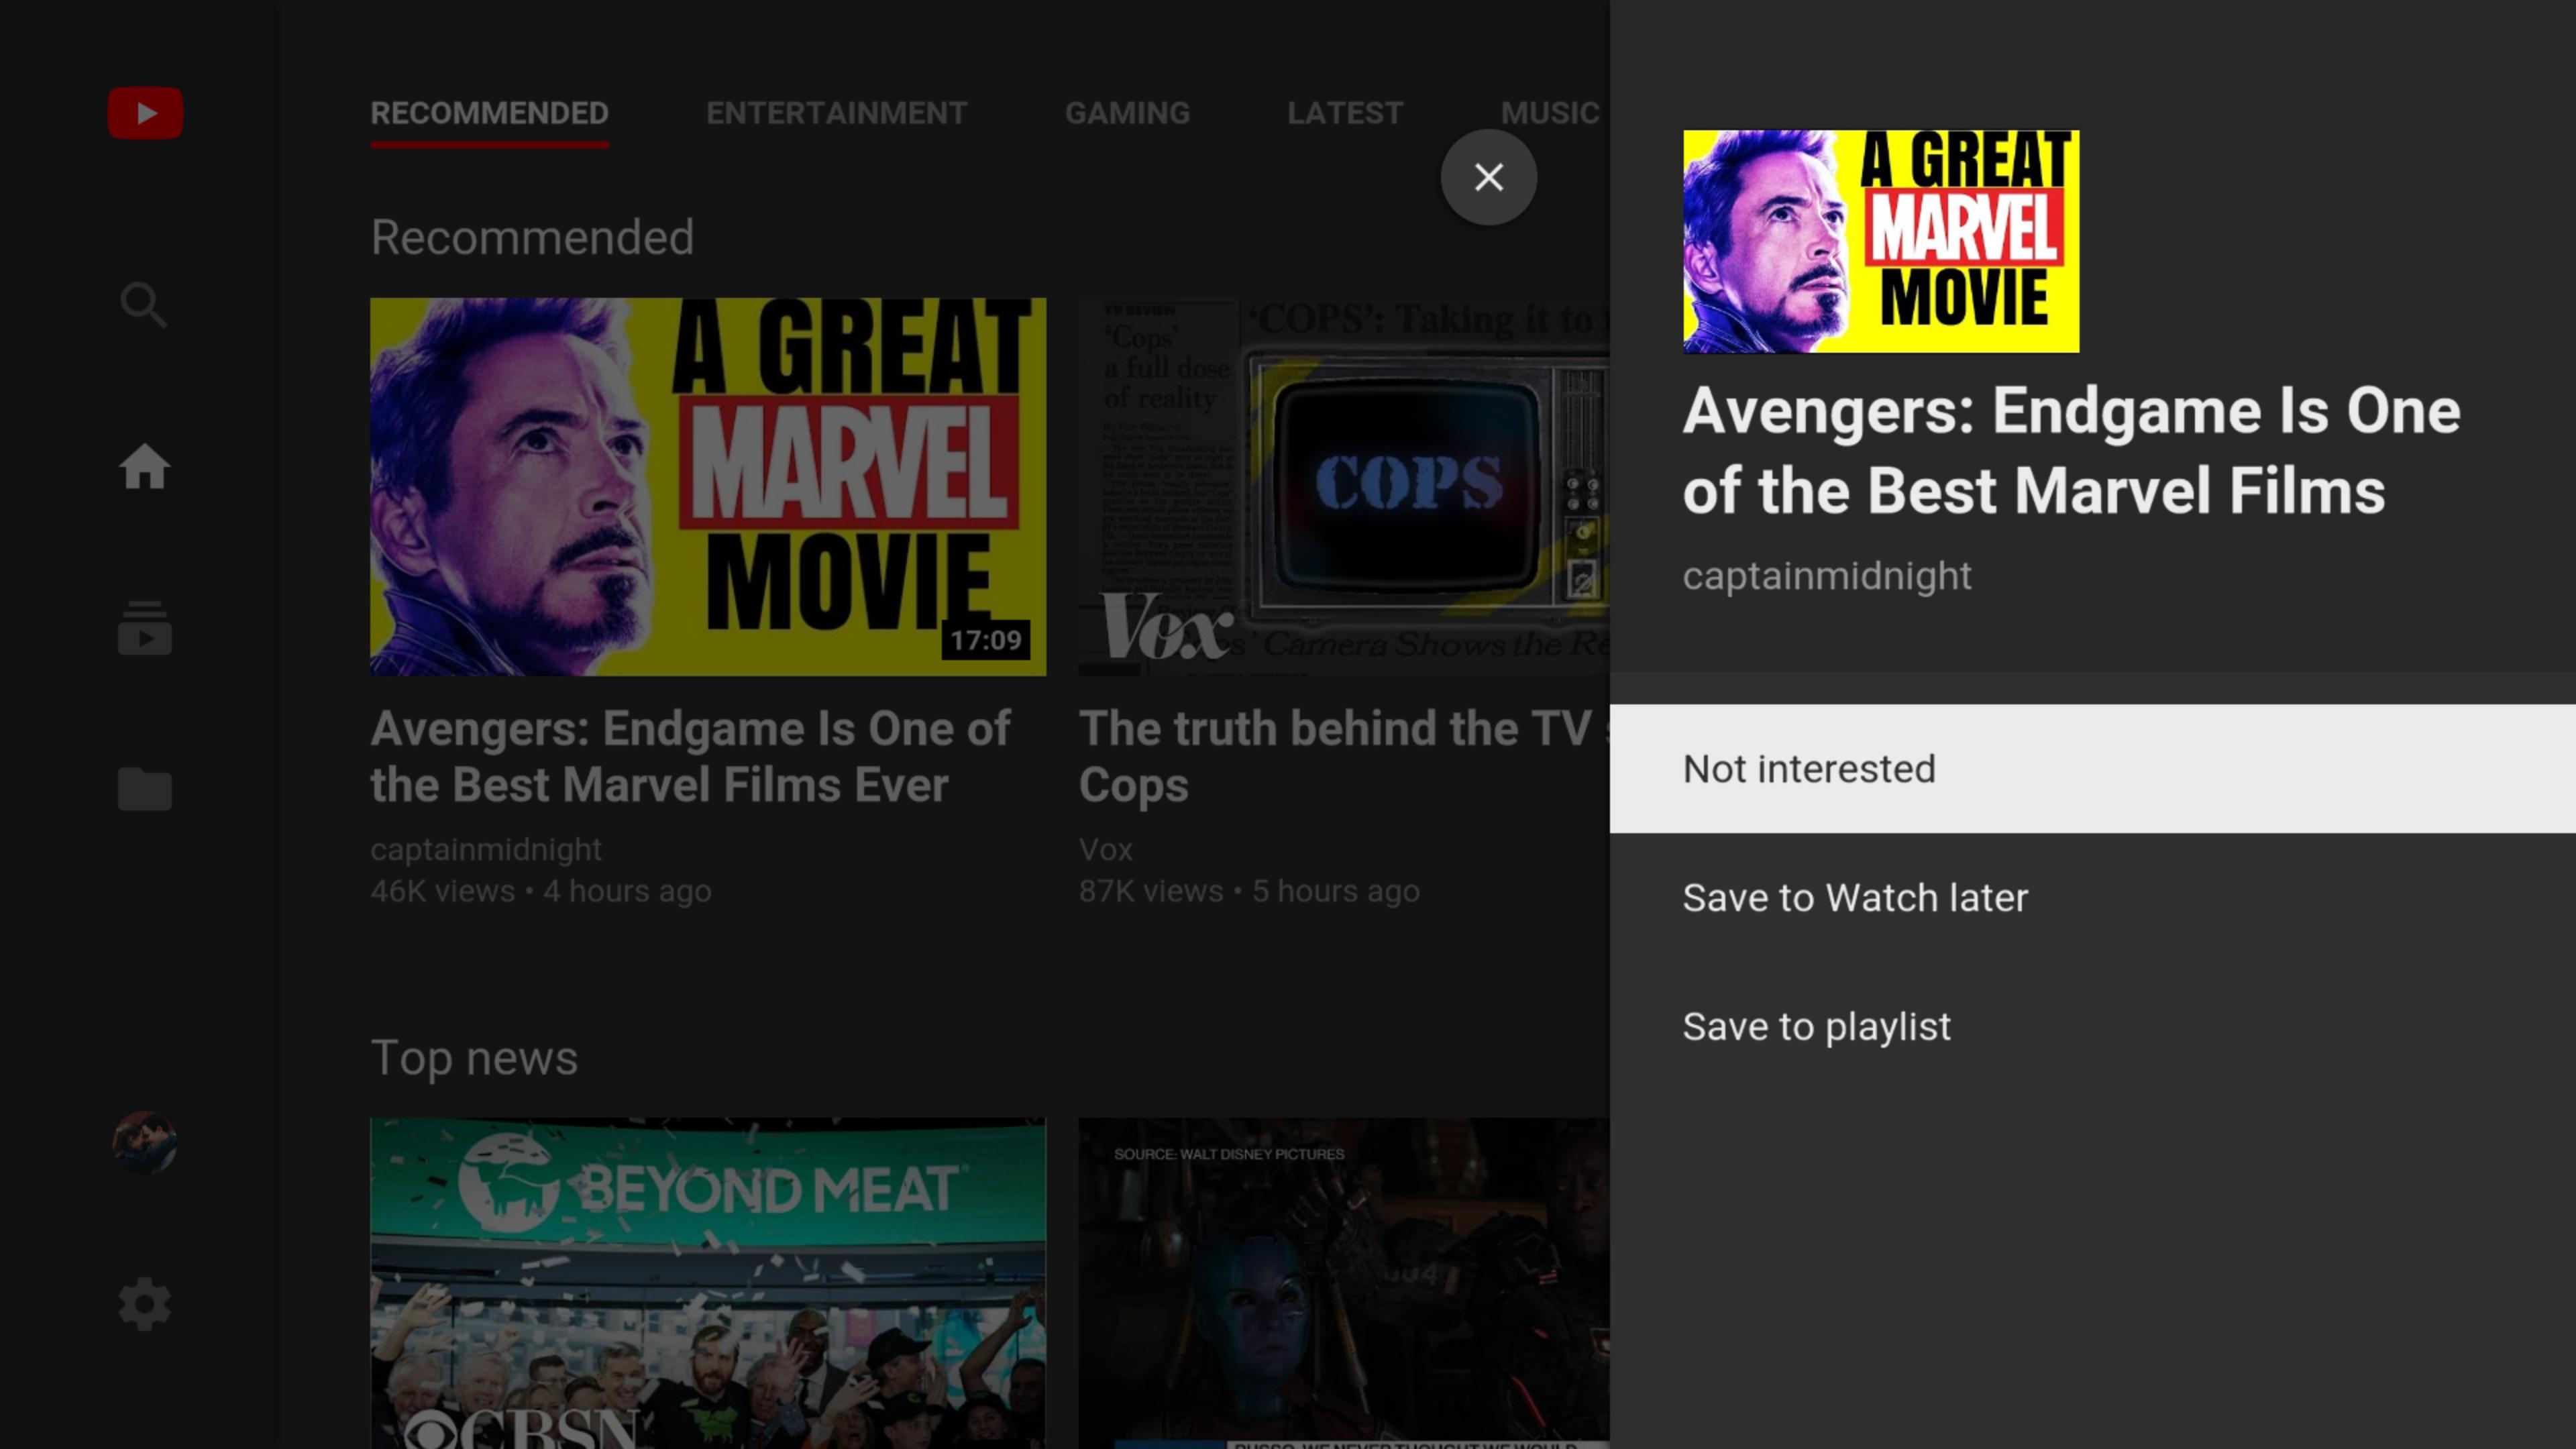 تطبيق يوتيوب على التلفاز يدعم أخيرًا حفظ مقاطع الفيديو لمشاهدتها لاحقًا